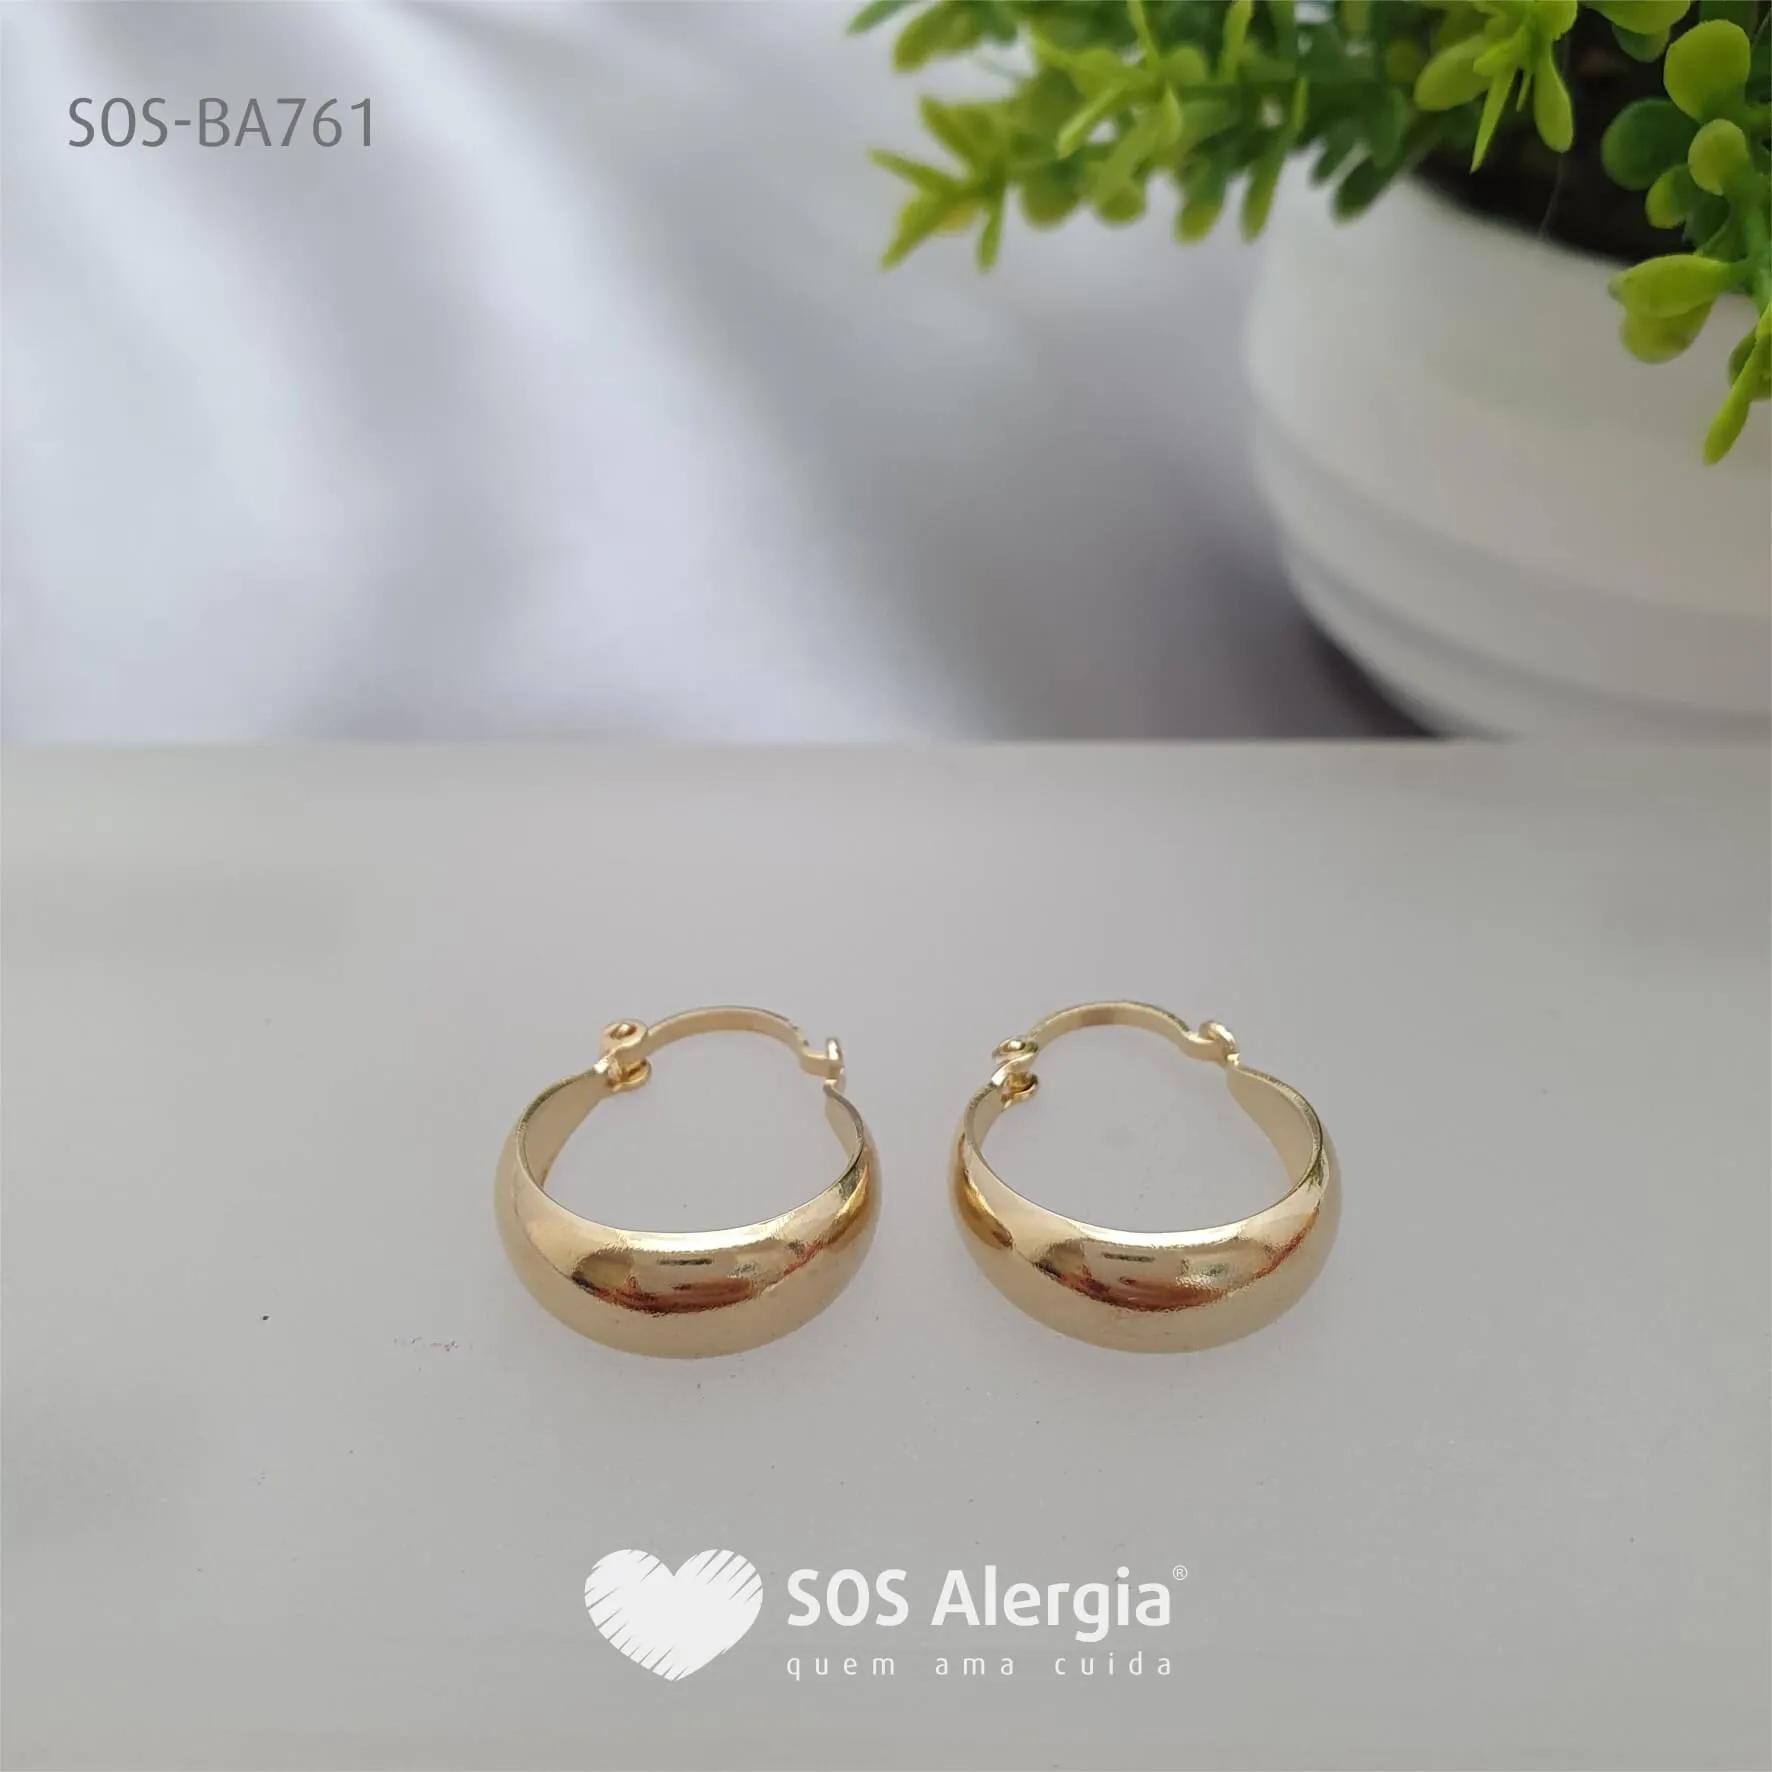 BRINCO SEM NÍQUEL SOS ALERGIA BA761